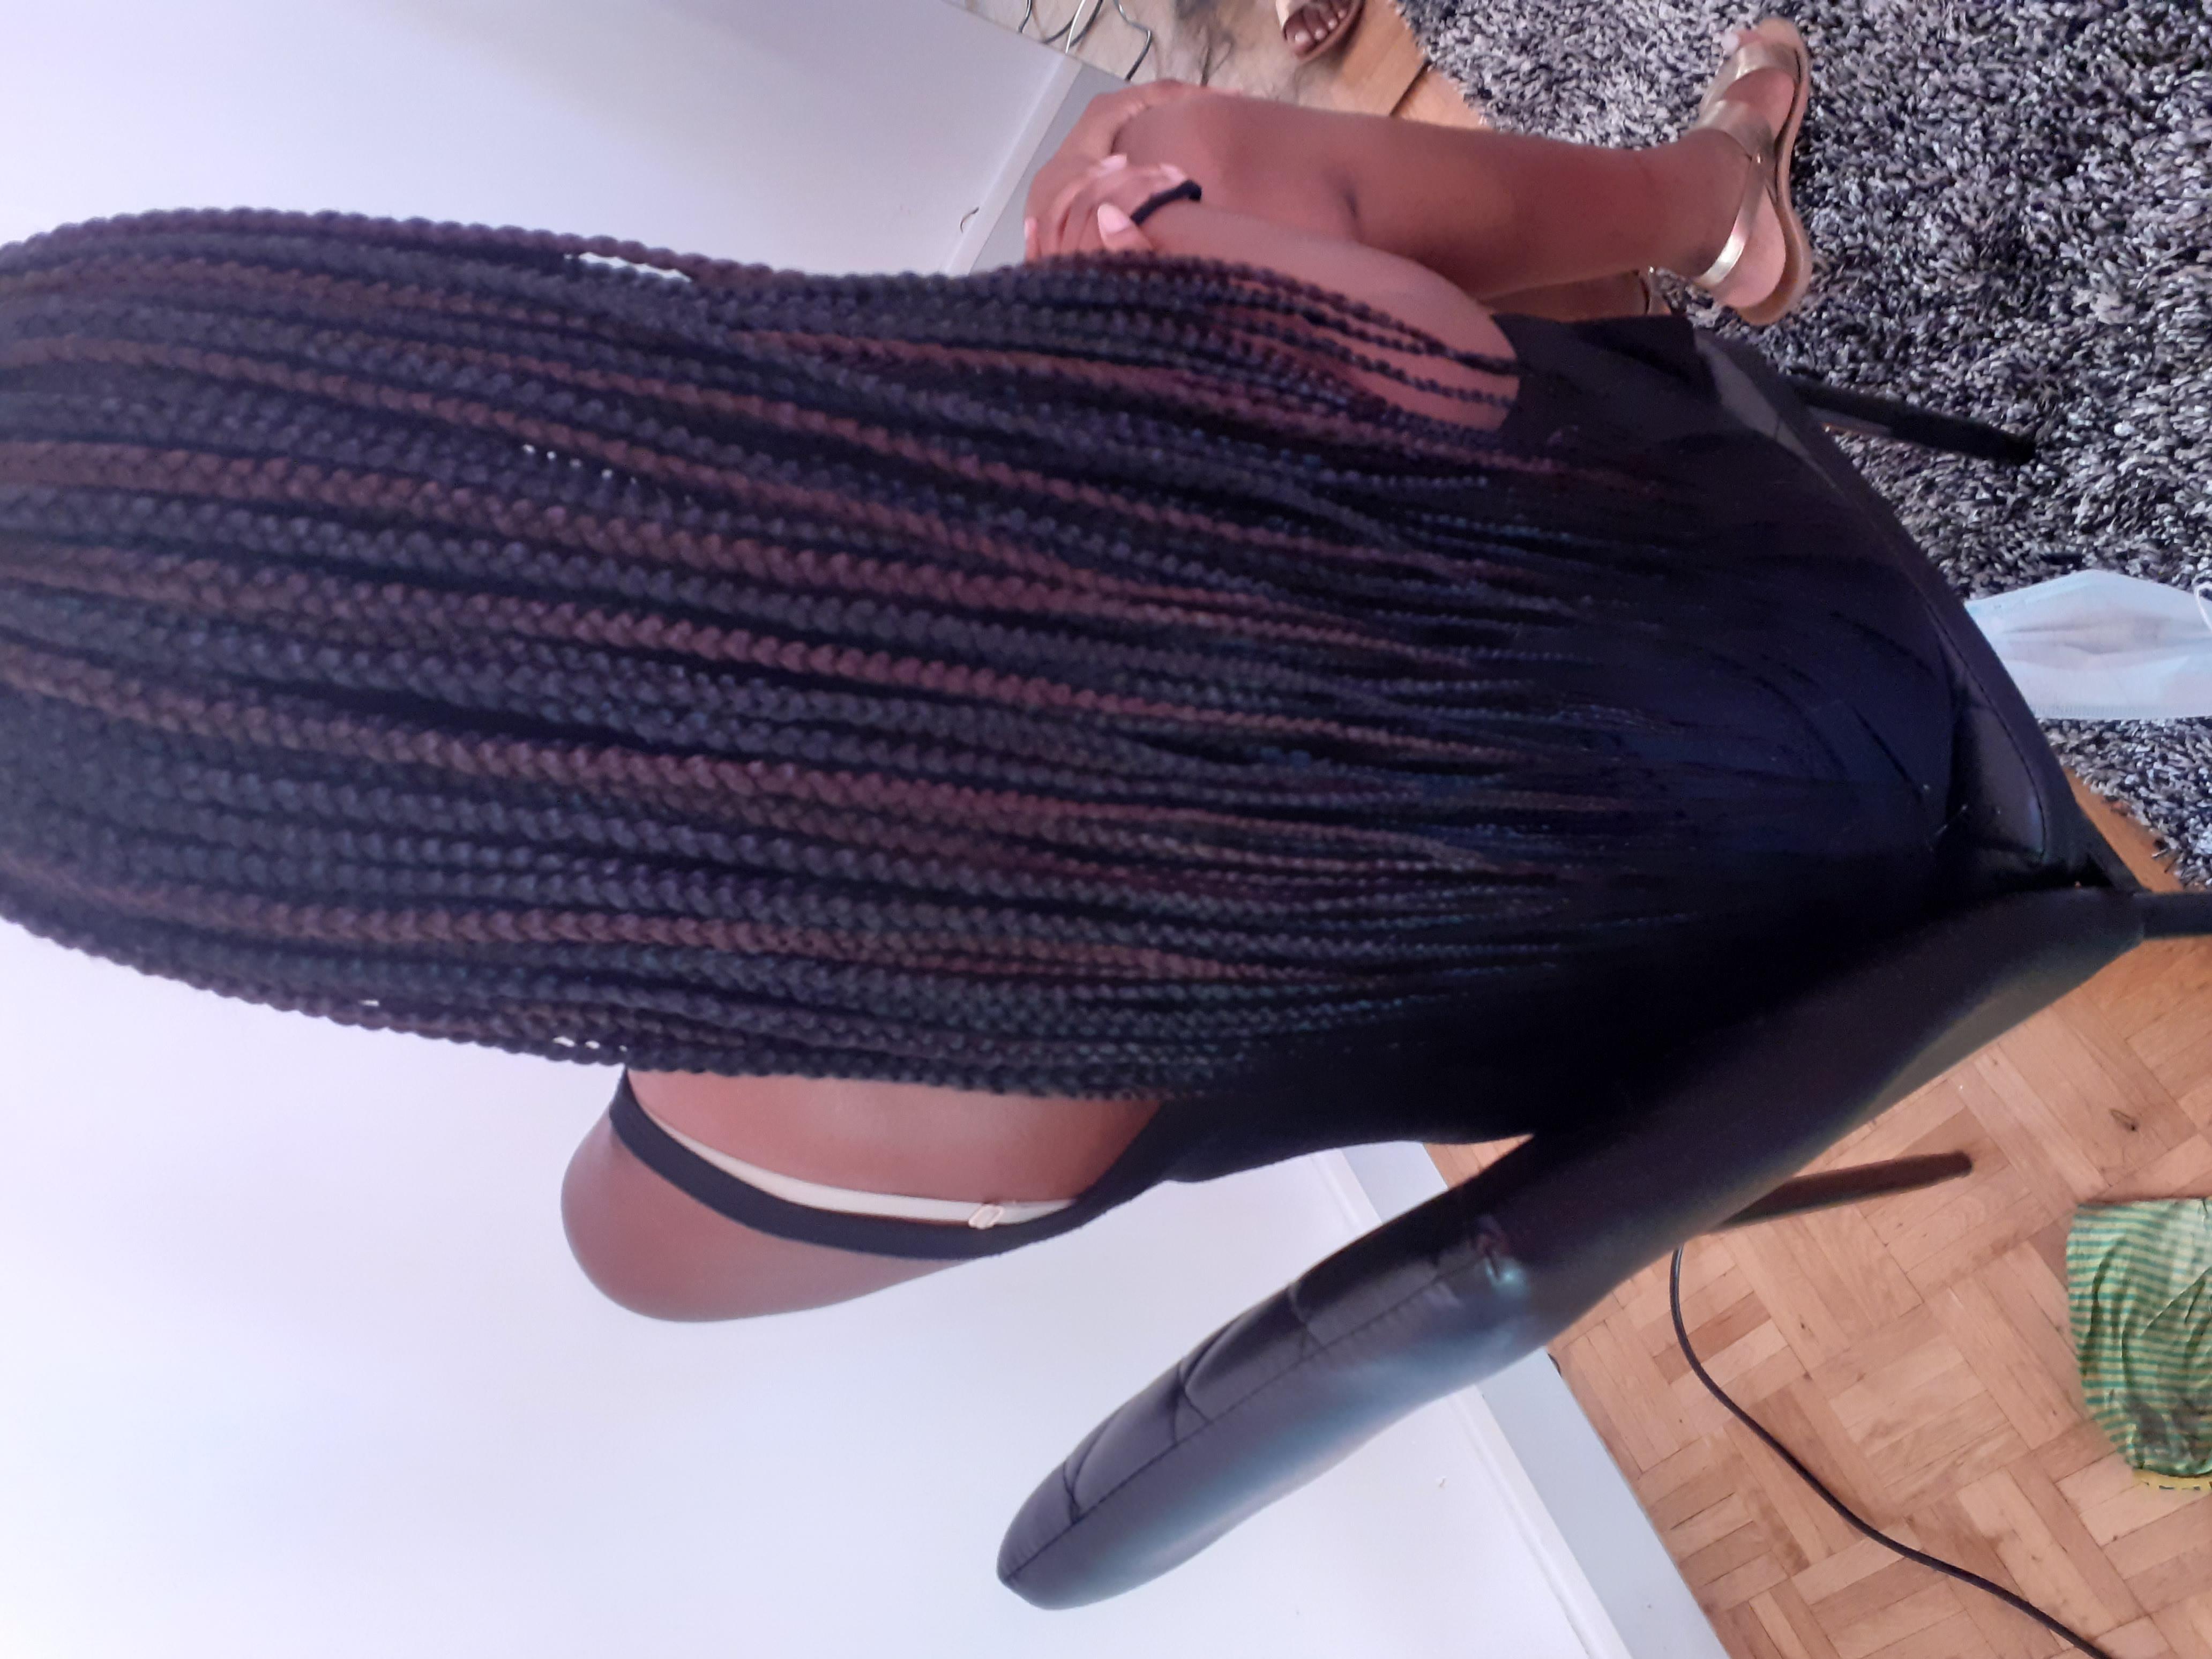 salon de coiffure afro tresse tresses box braids crochet braids vanilles tissages paris 75 77 78 91 92 93 94 95 VKGBRHSX